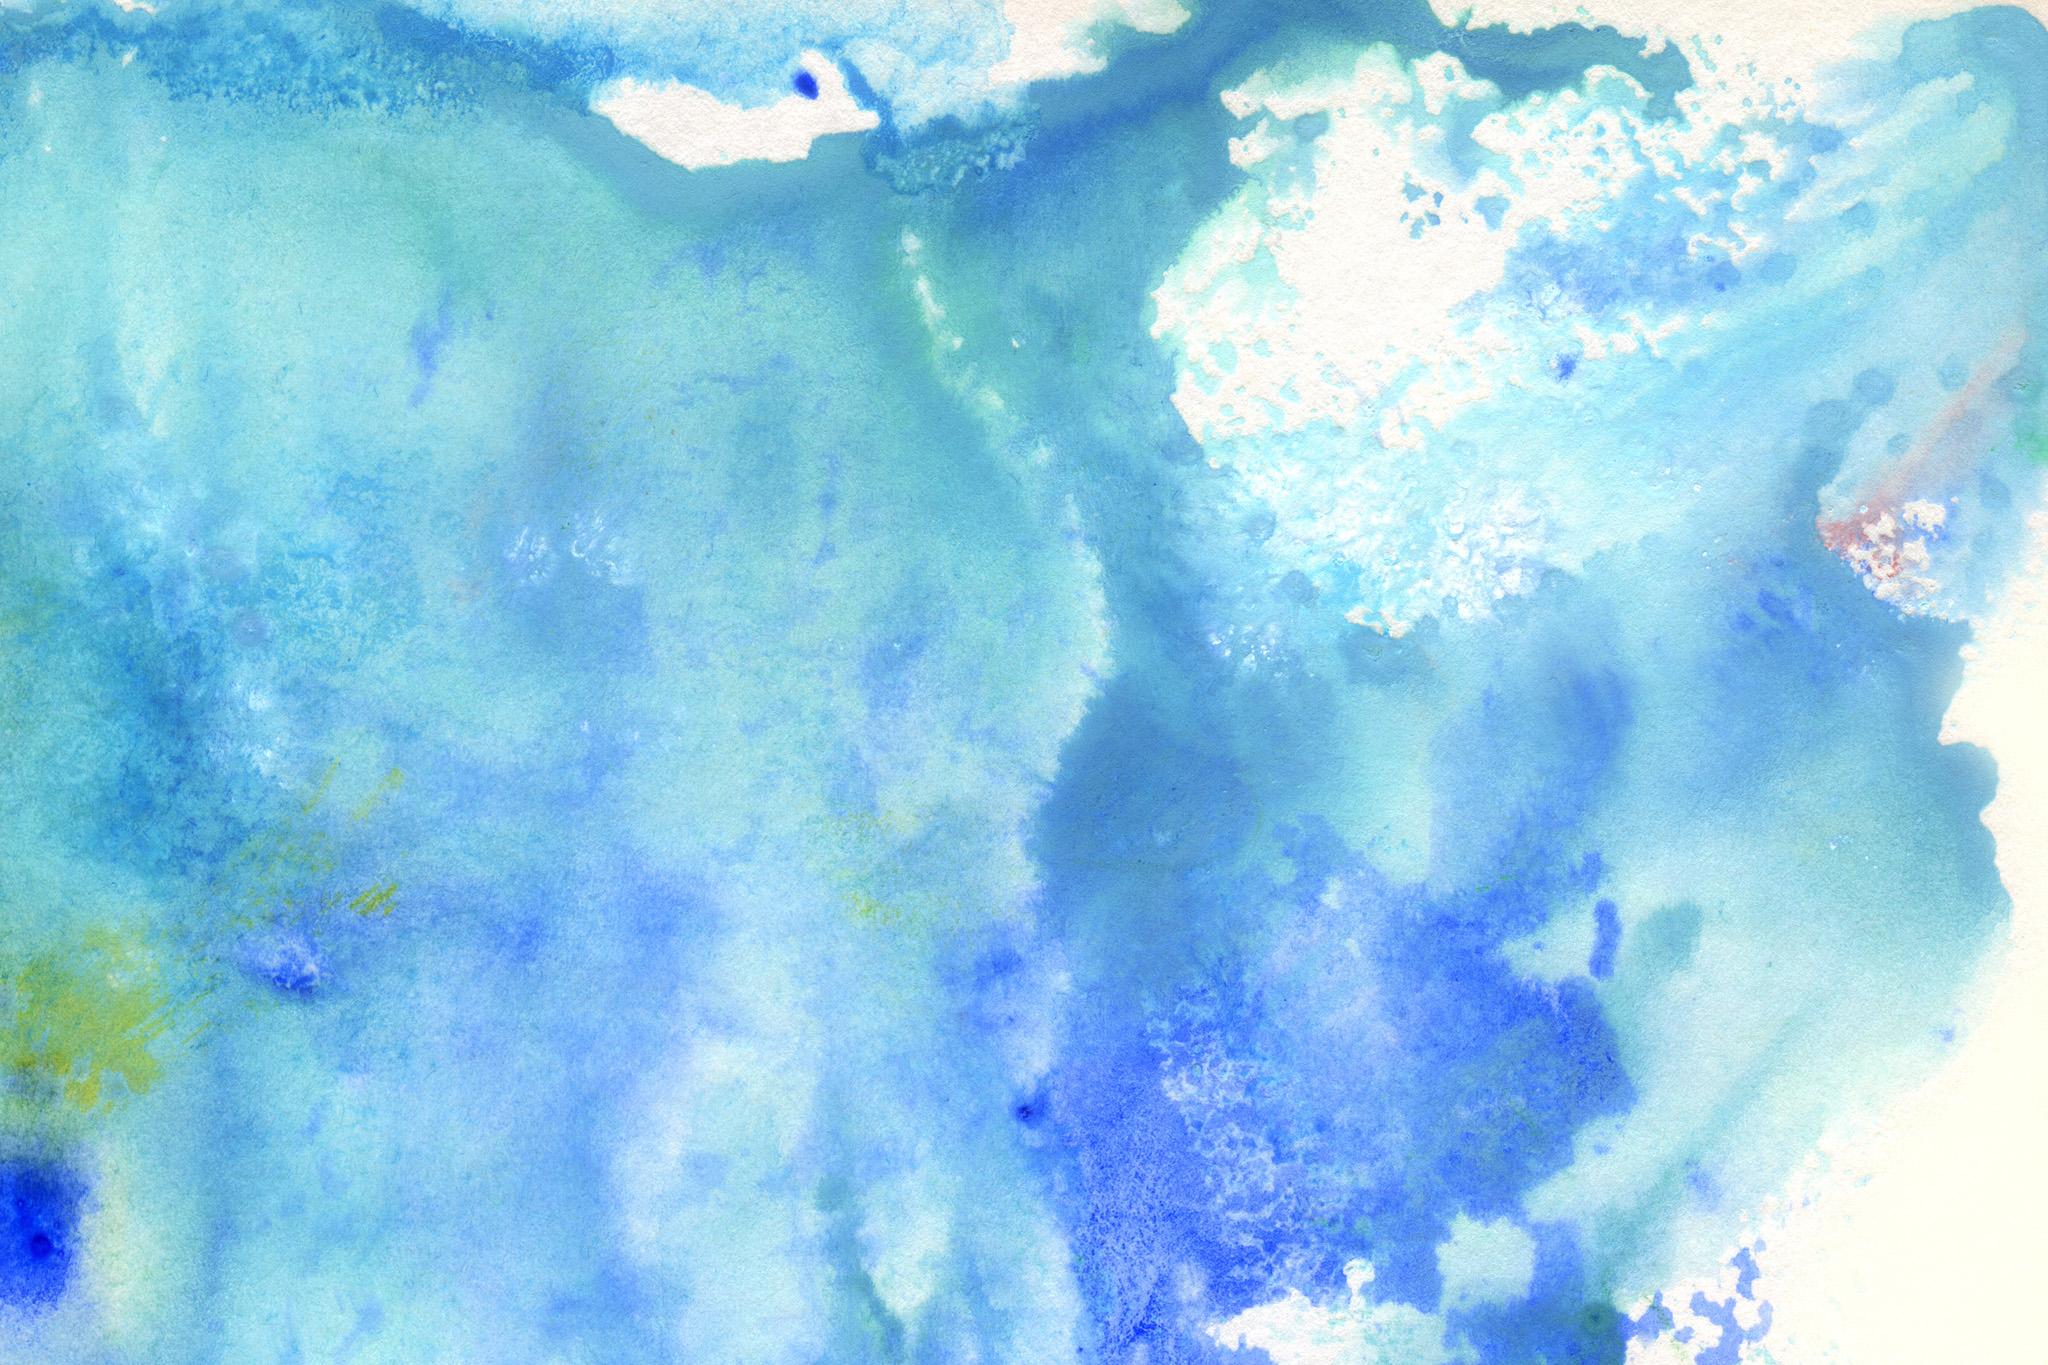 「波のような水色の水彩模様」